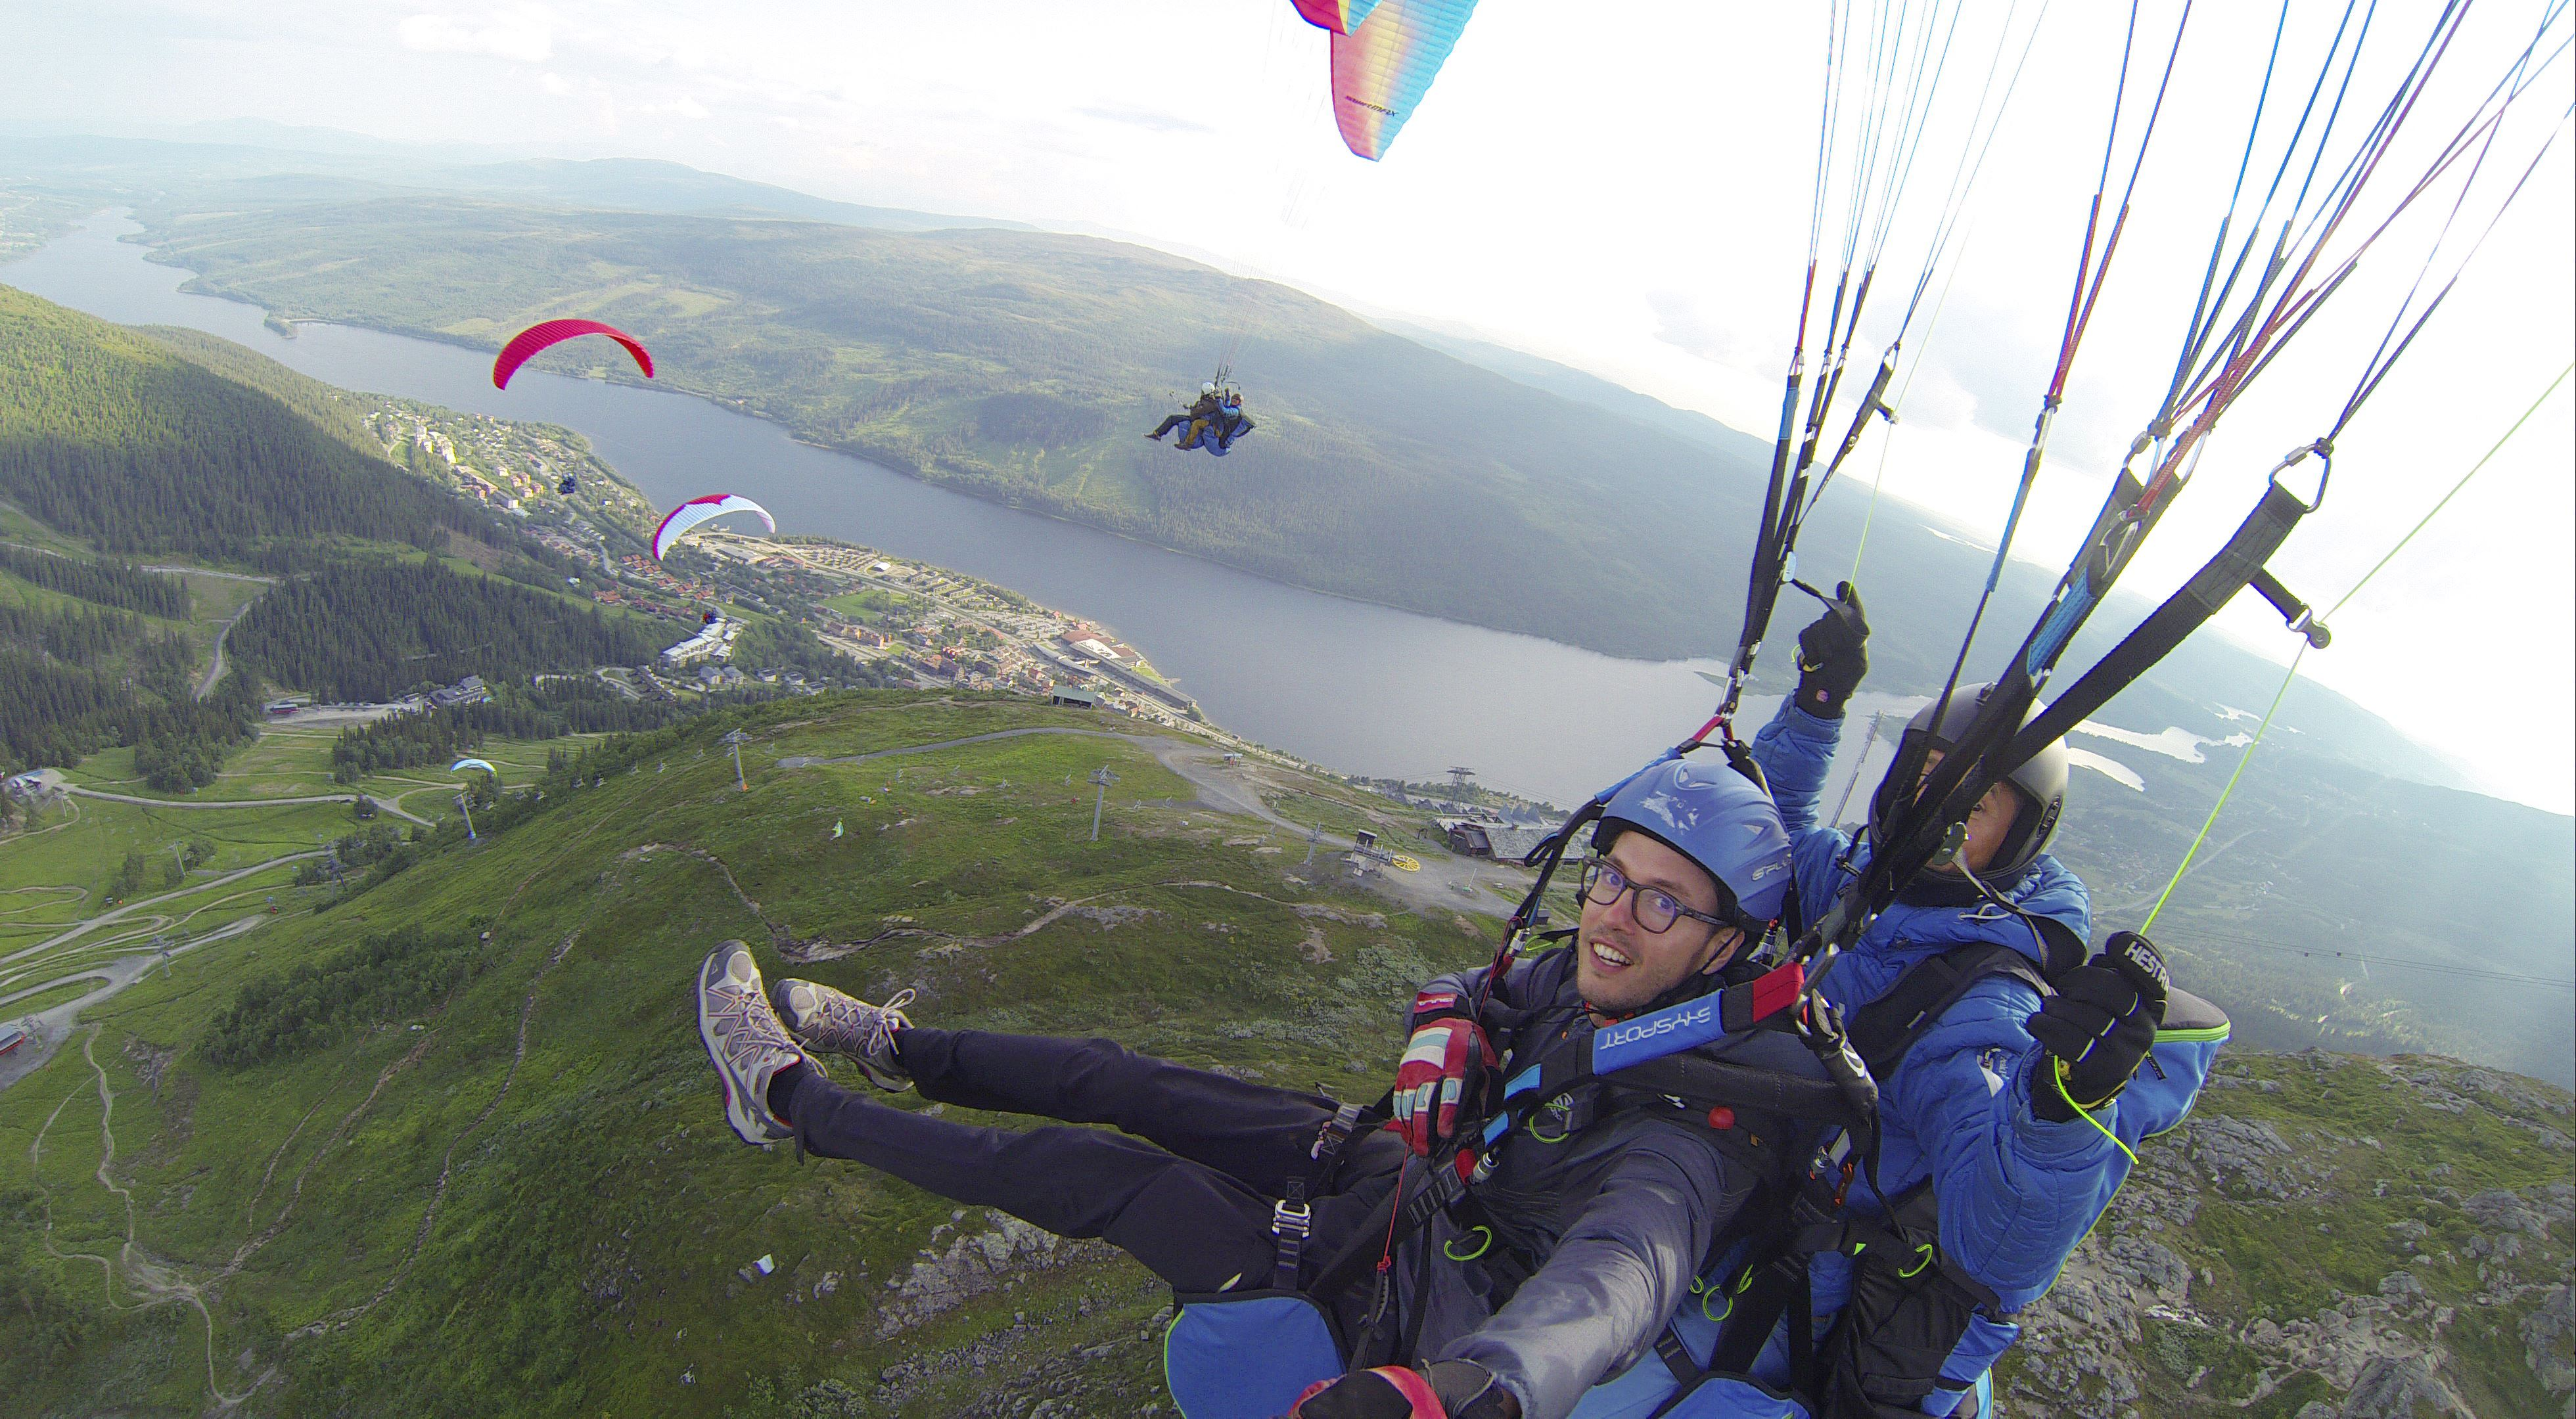 Tandem paragliding - 2 hours